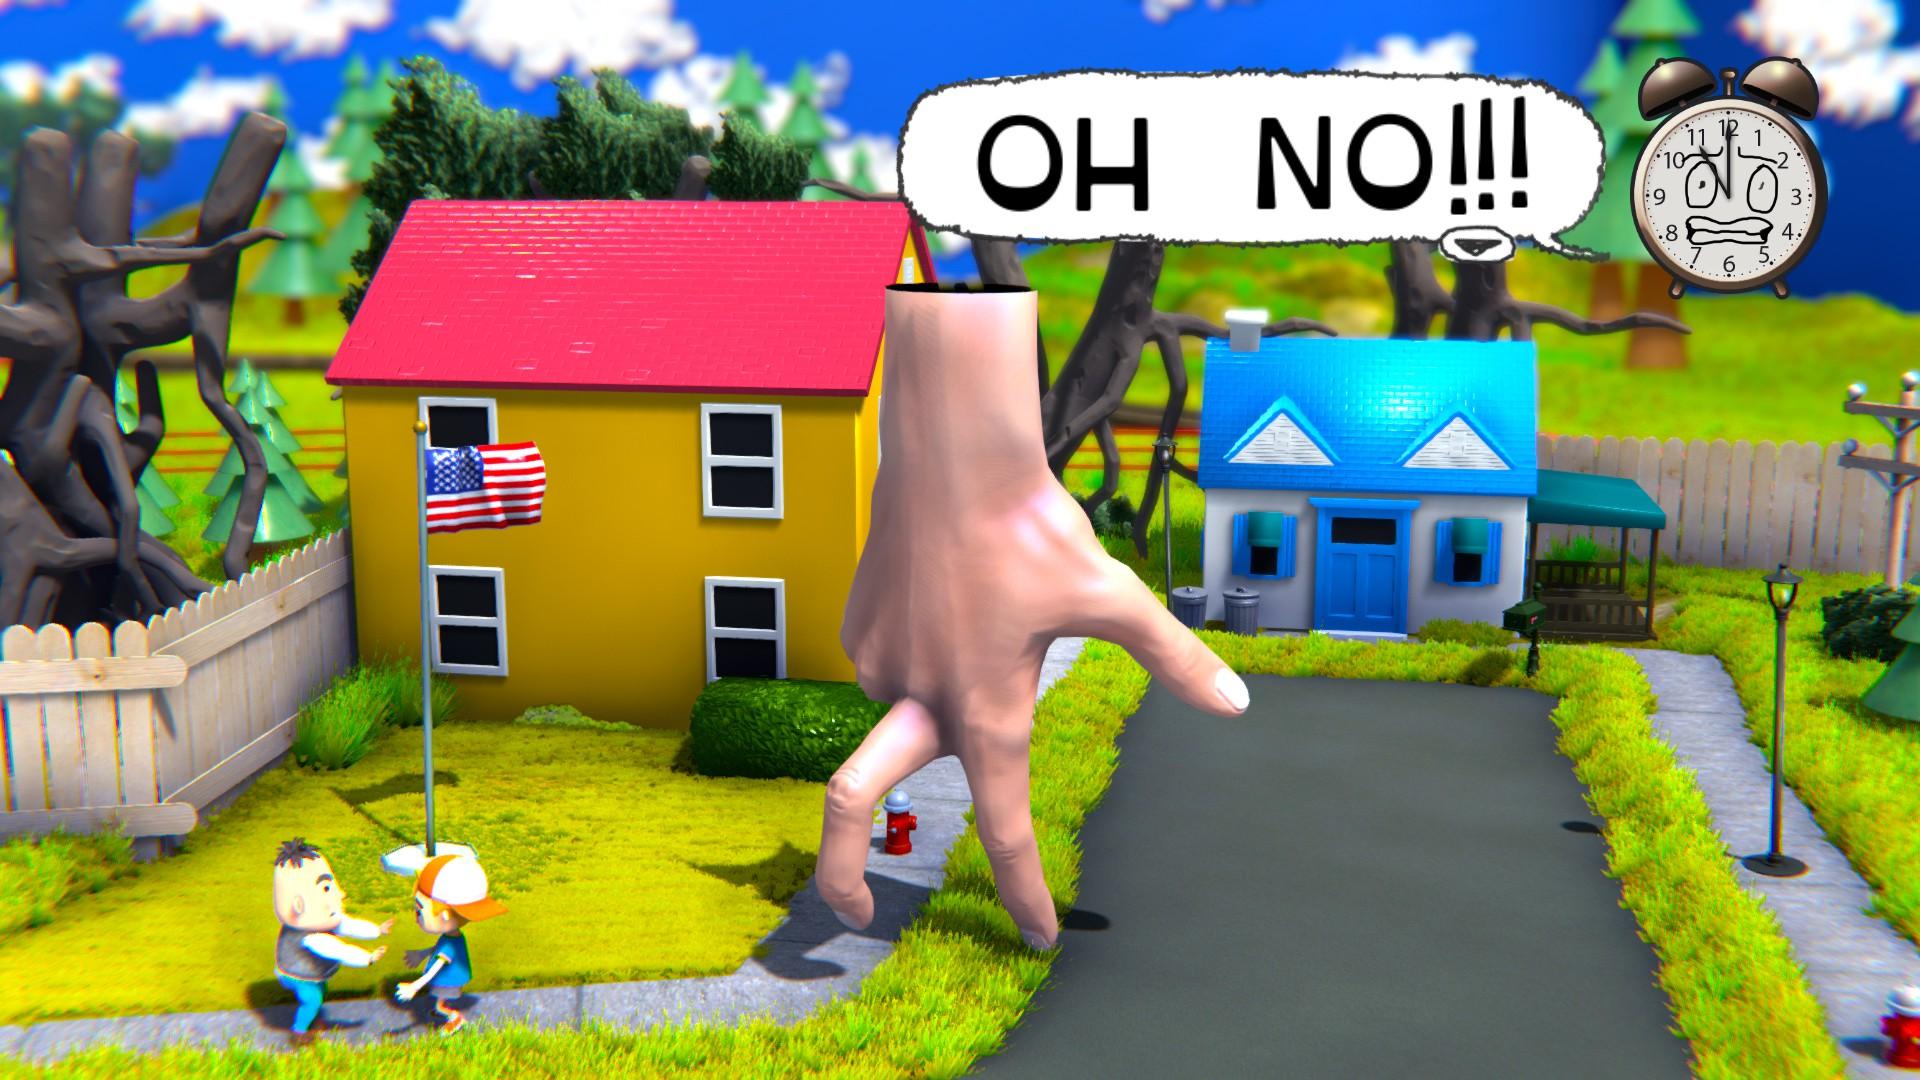 Una mano gigante camina con los dedos por un barrio modelo.  El texto del diálogo procedente de un reloj de alarma en la esquina superior derecha grita